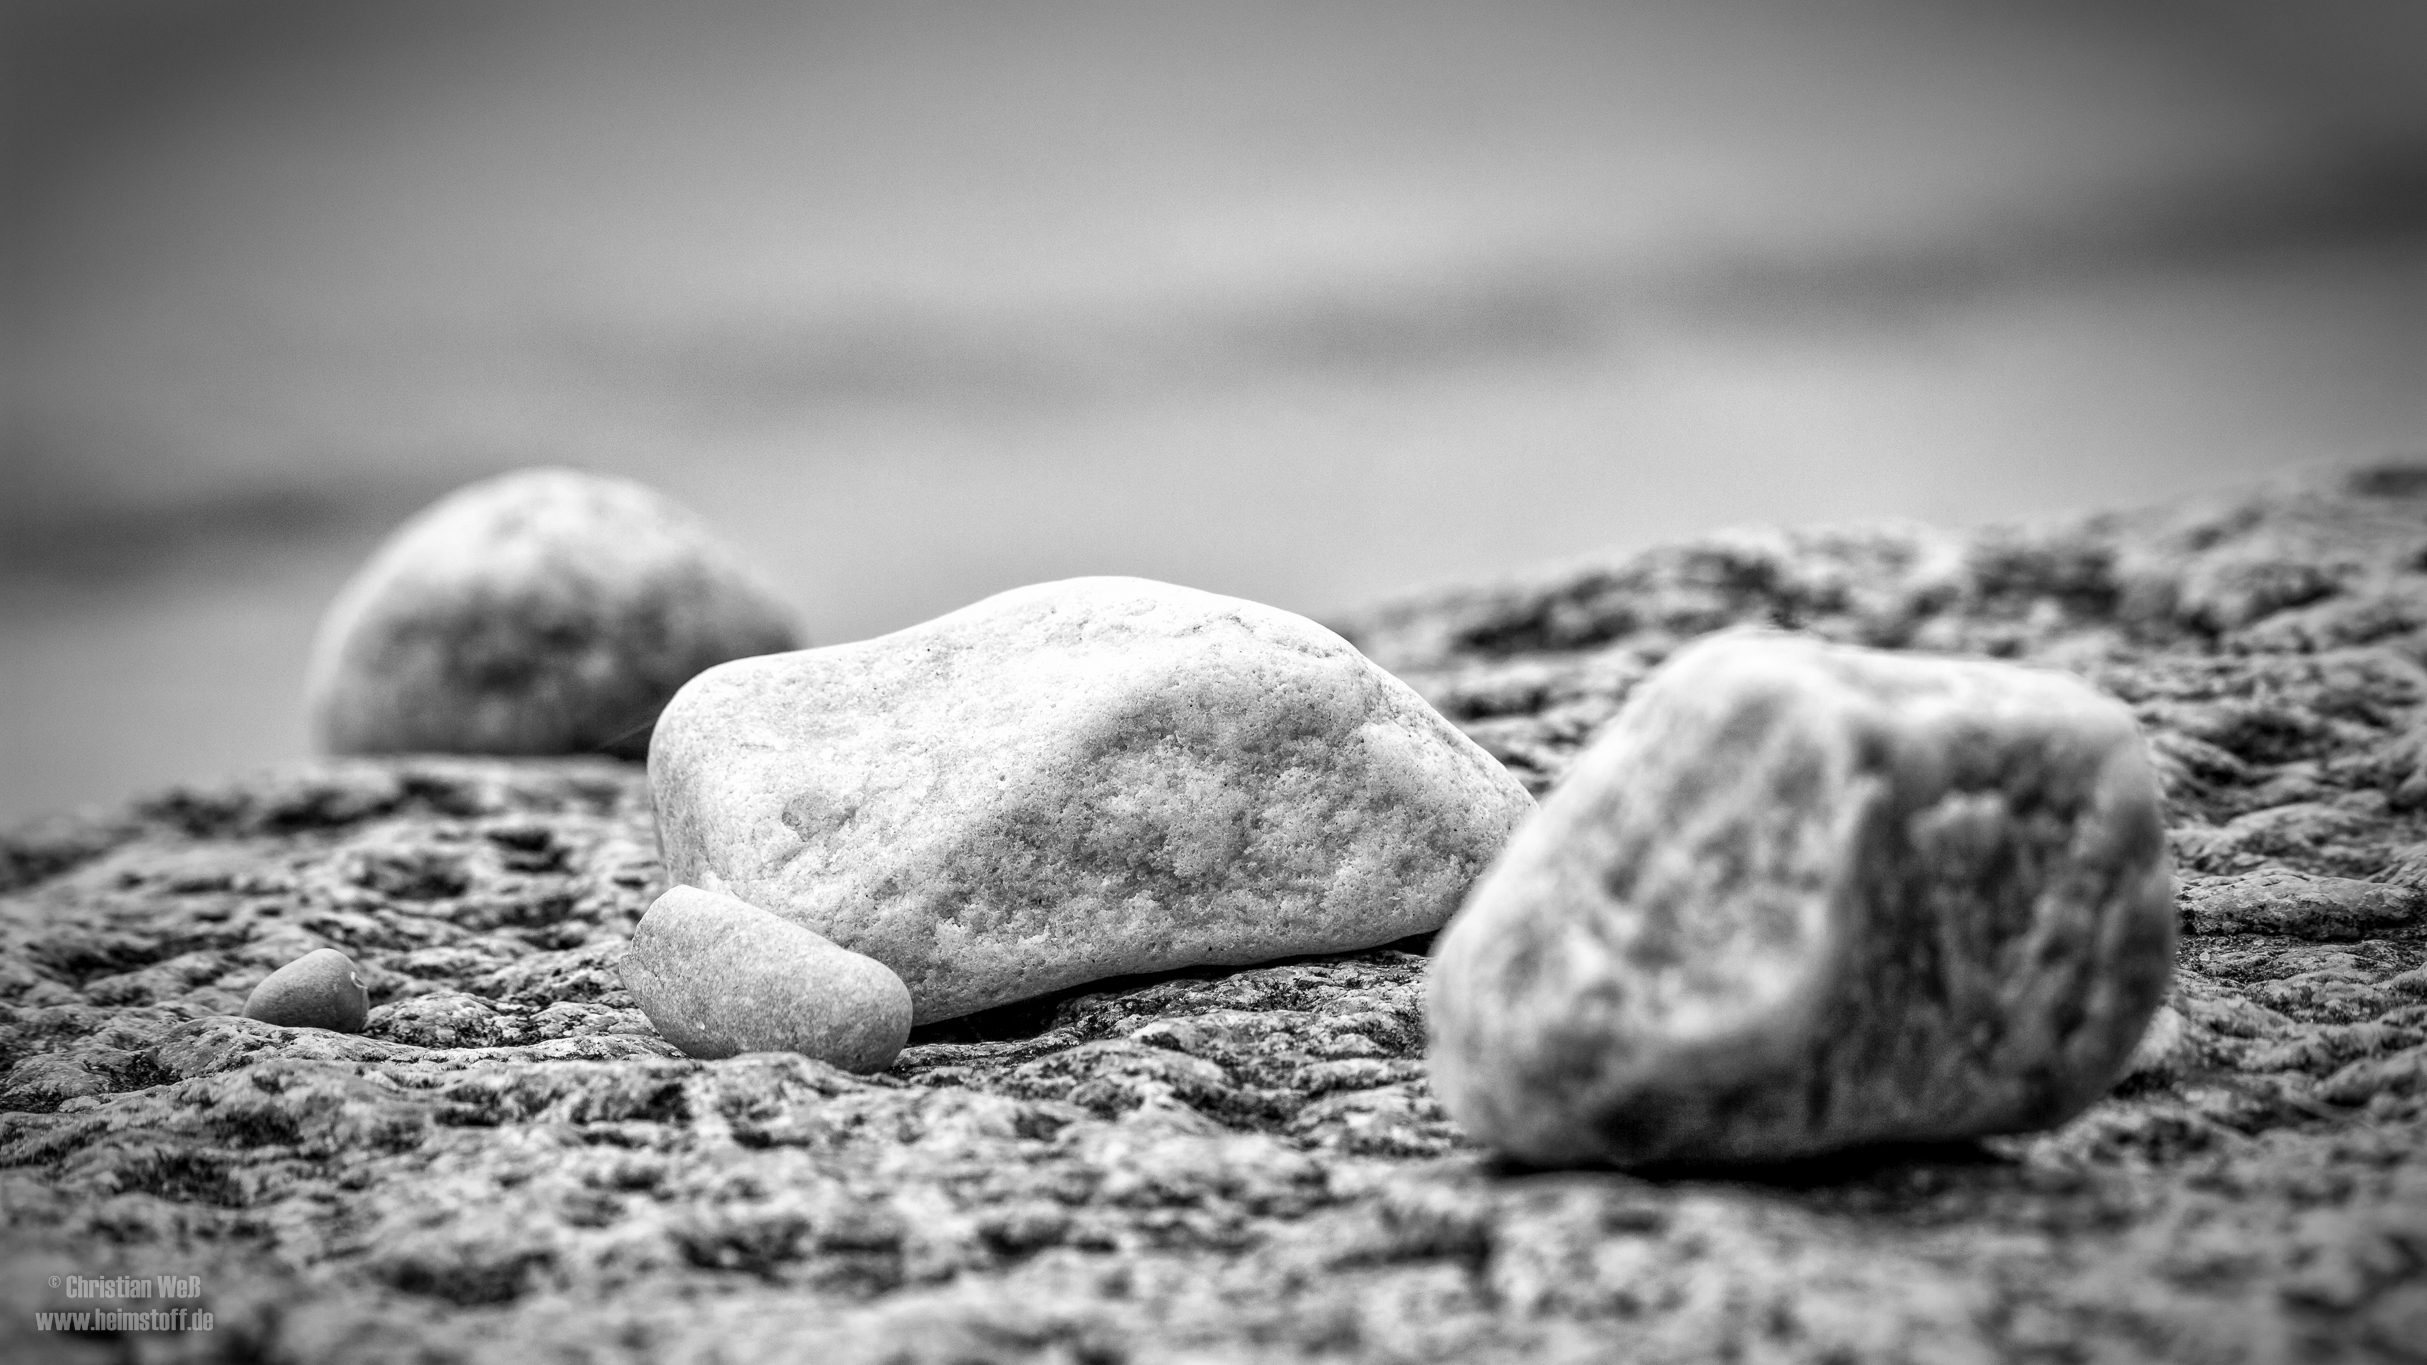 Steine.